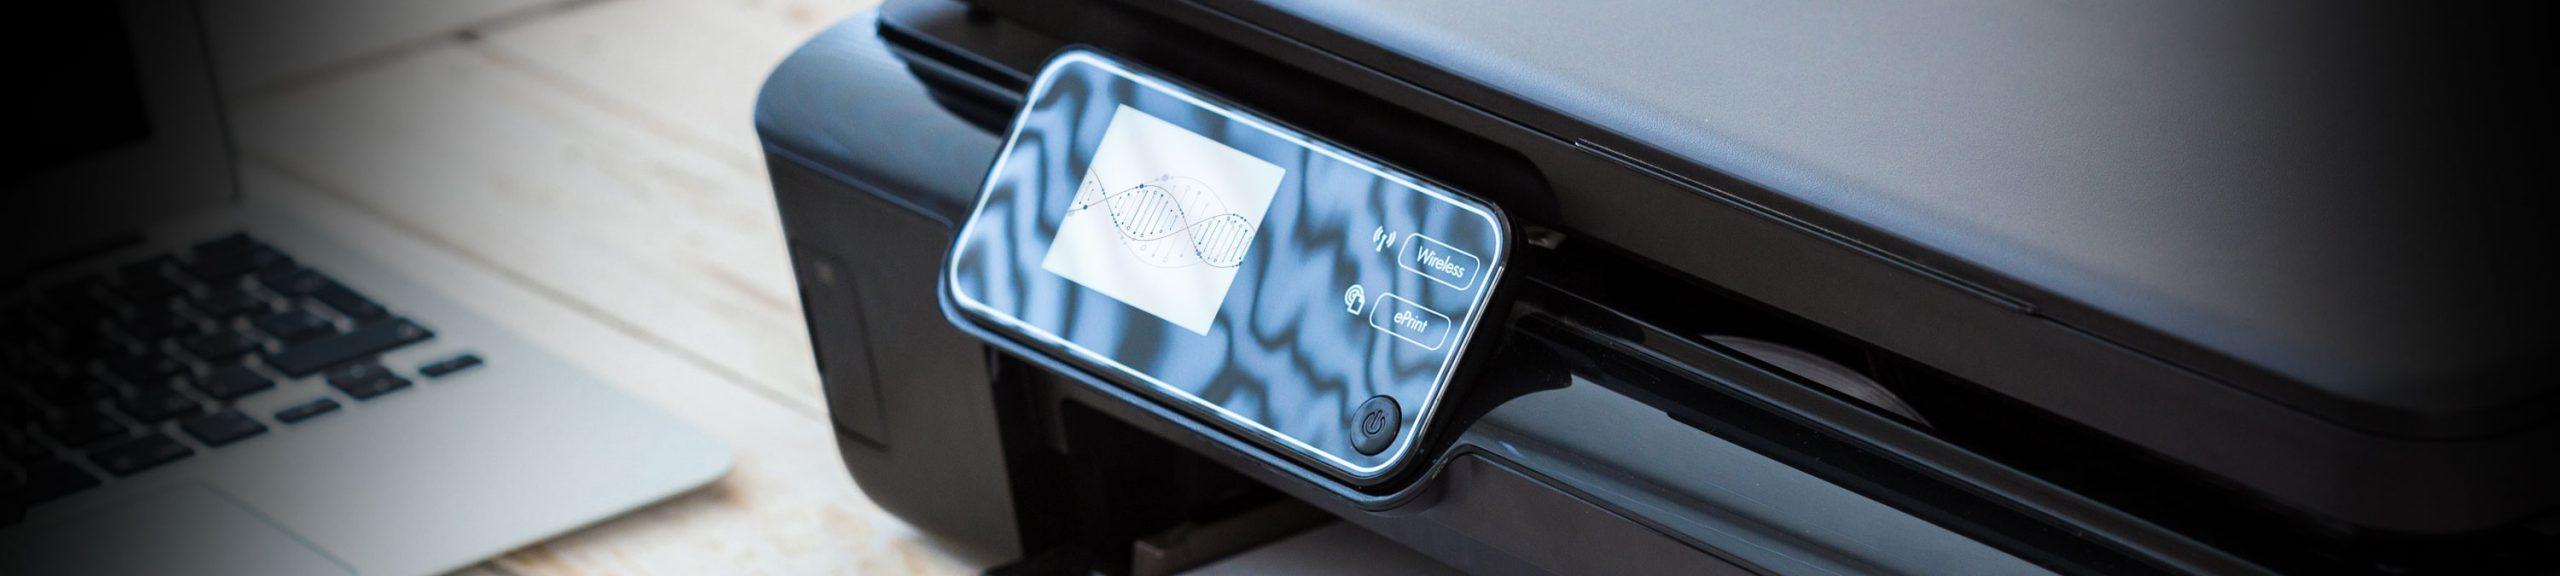 Printer Life Monitoring